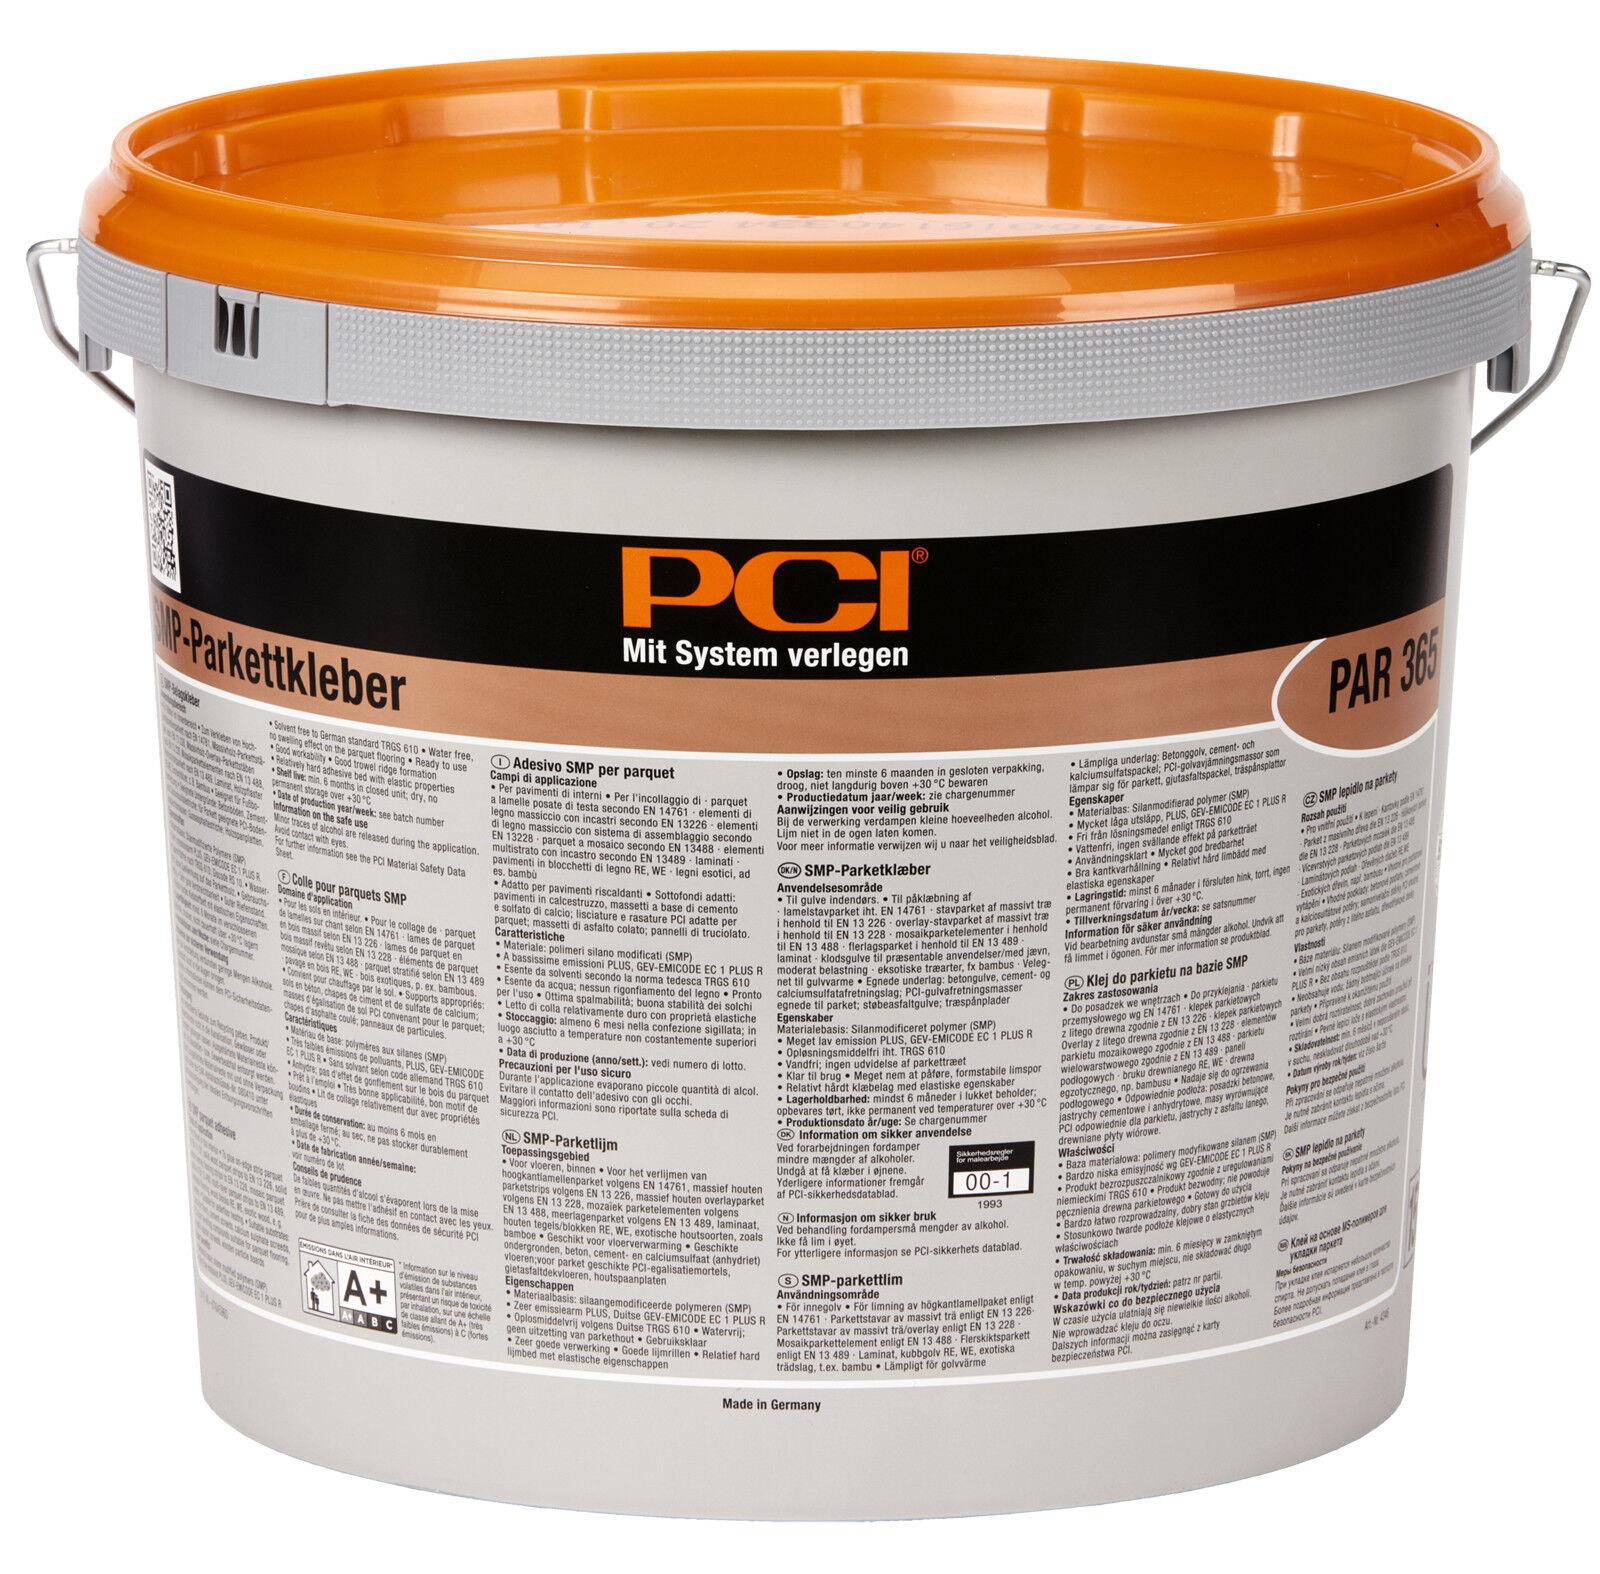 PCI PAR 365 SMP-Parkettkleber 15 kg Parkett-Klebstoff für Böden im Innenbereich